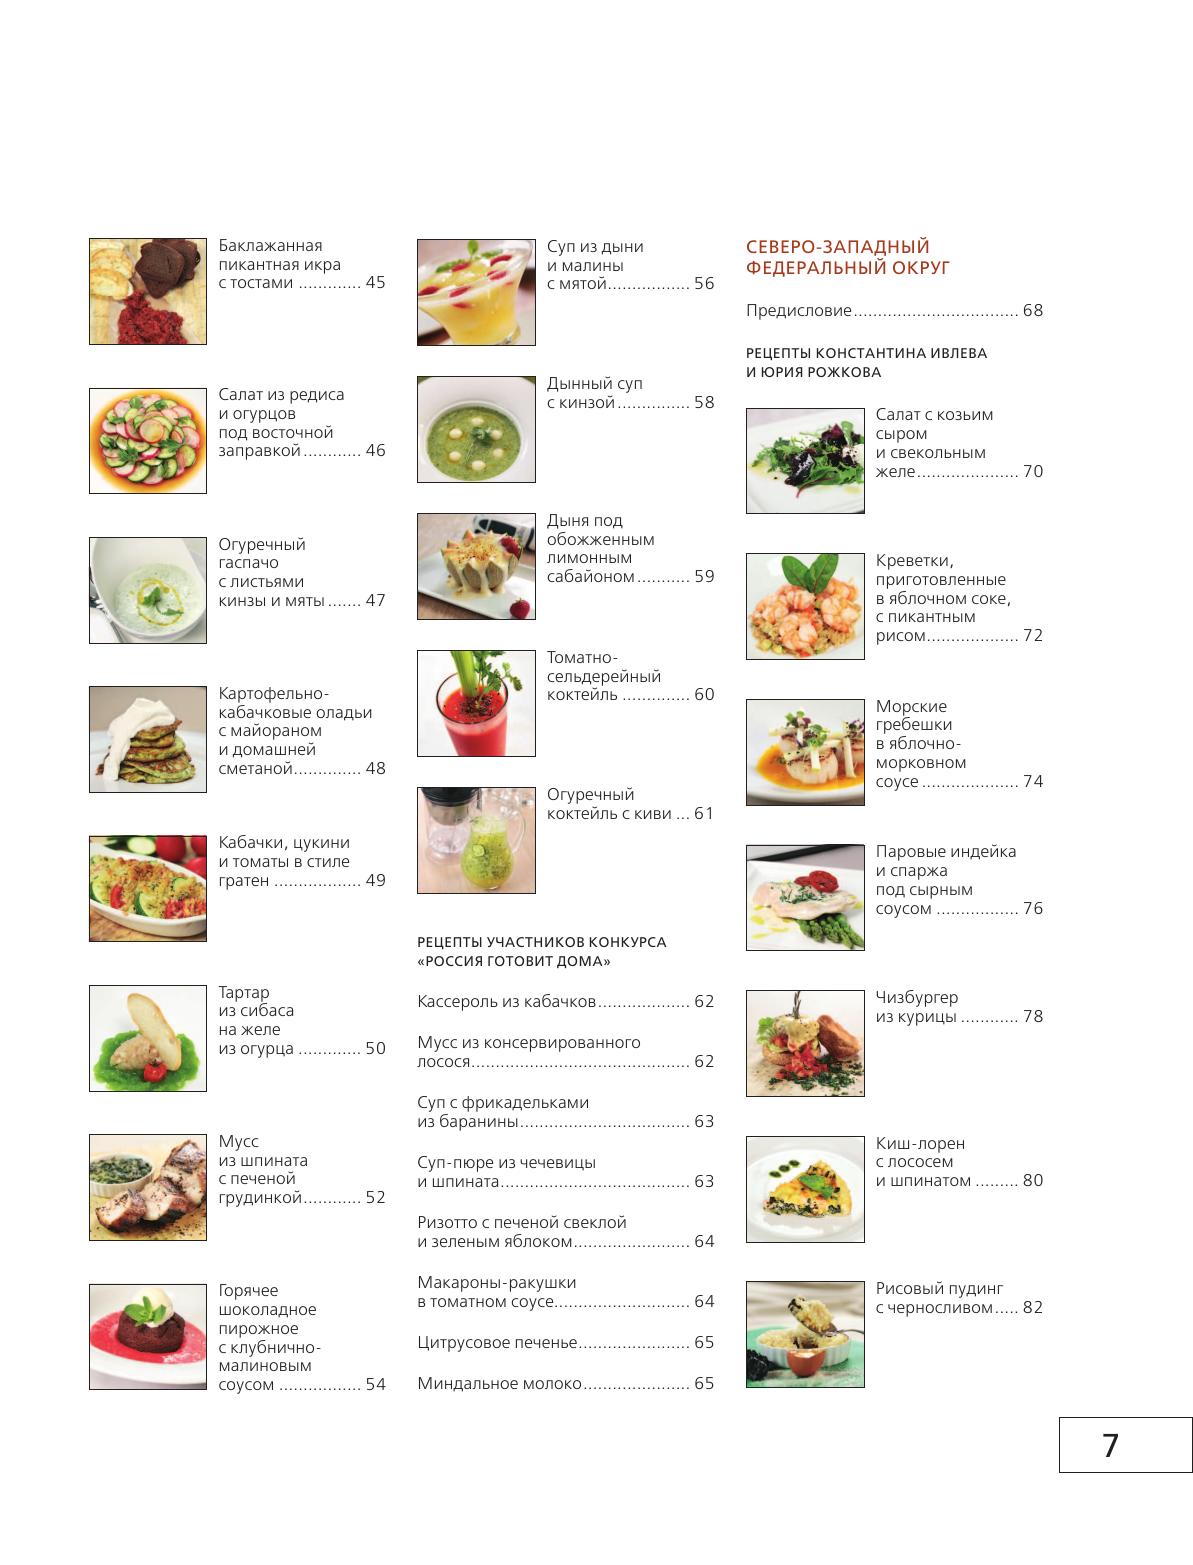 Блюда константина ивлева с рецептами